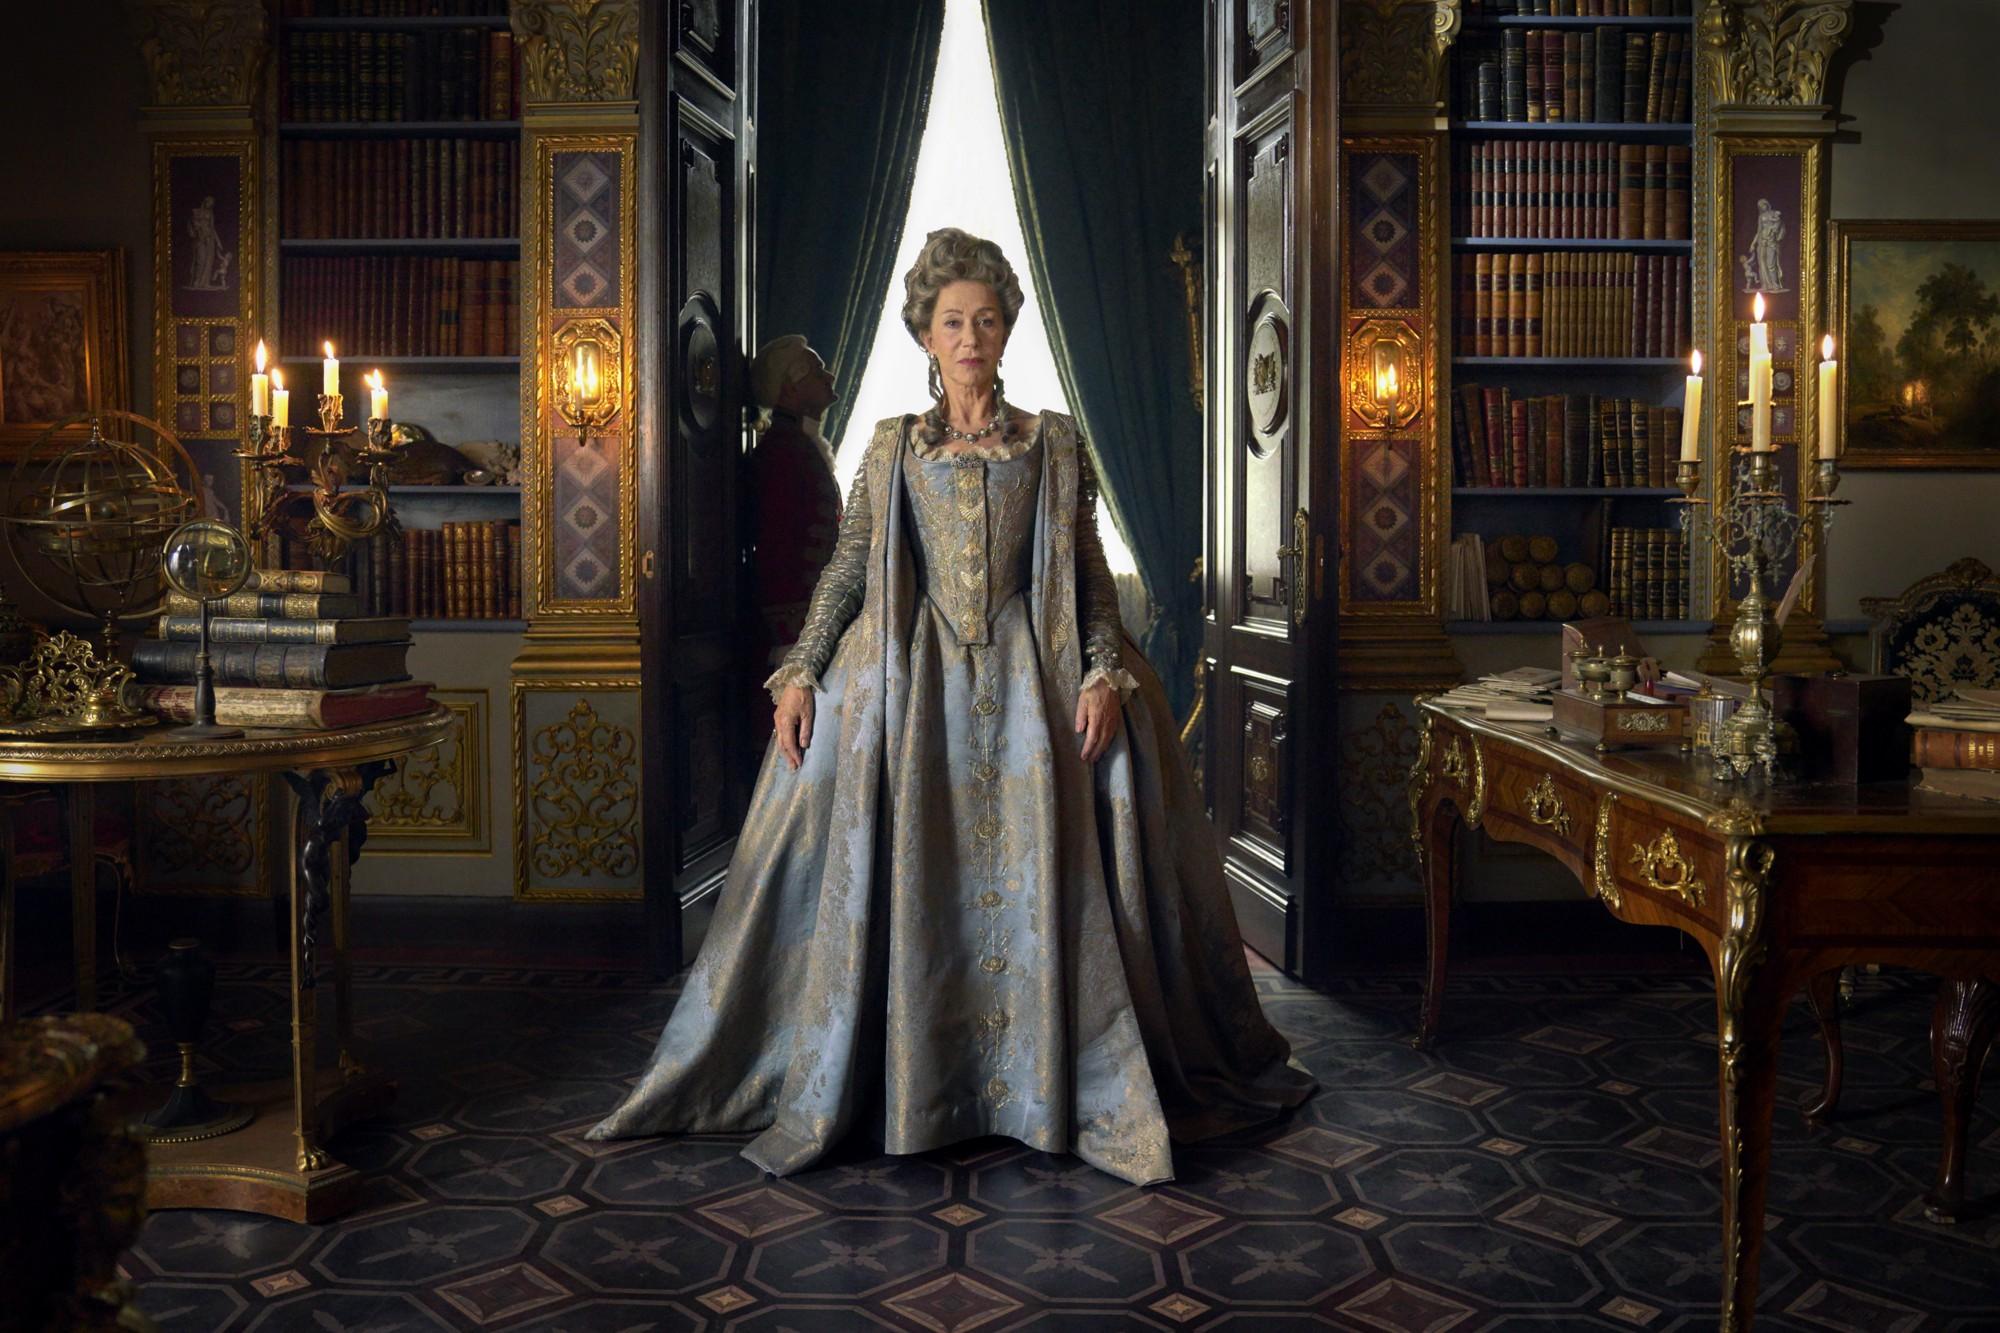 Hellen Mirren as Catherine the Great